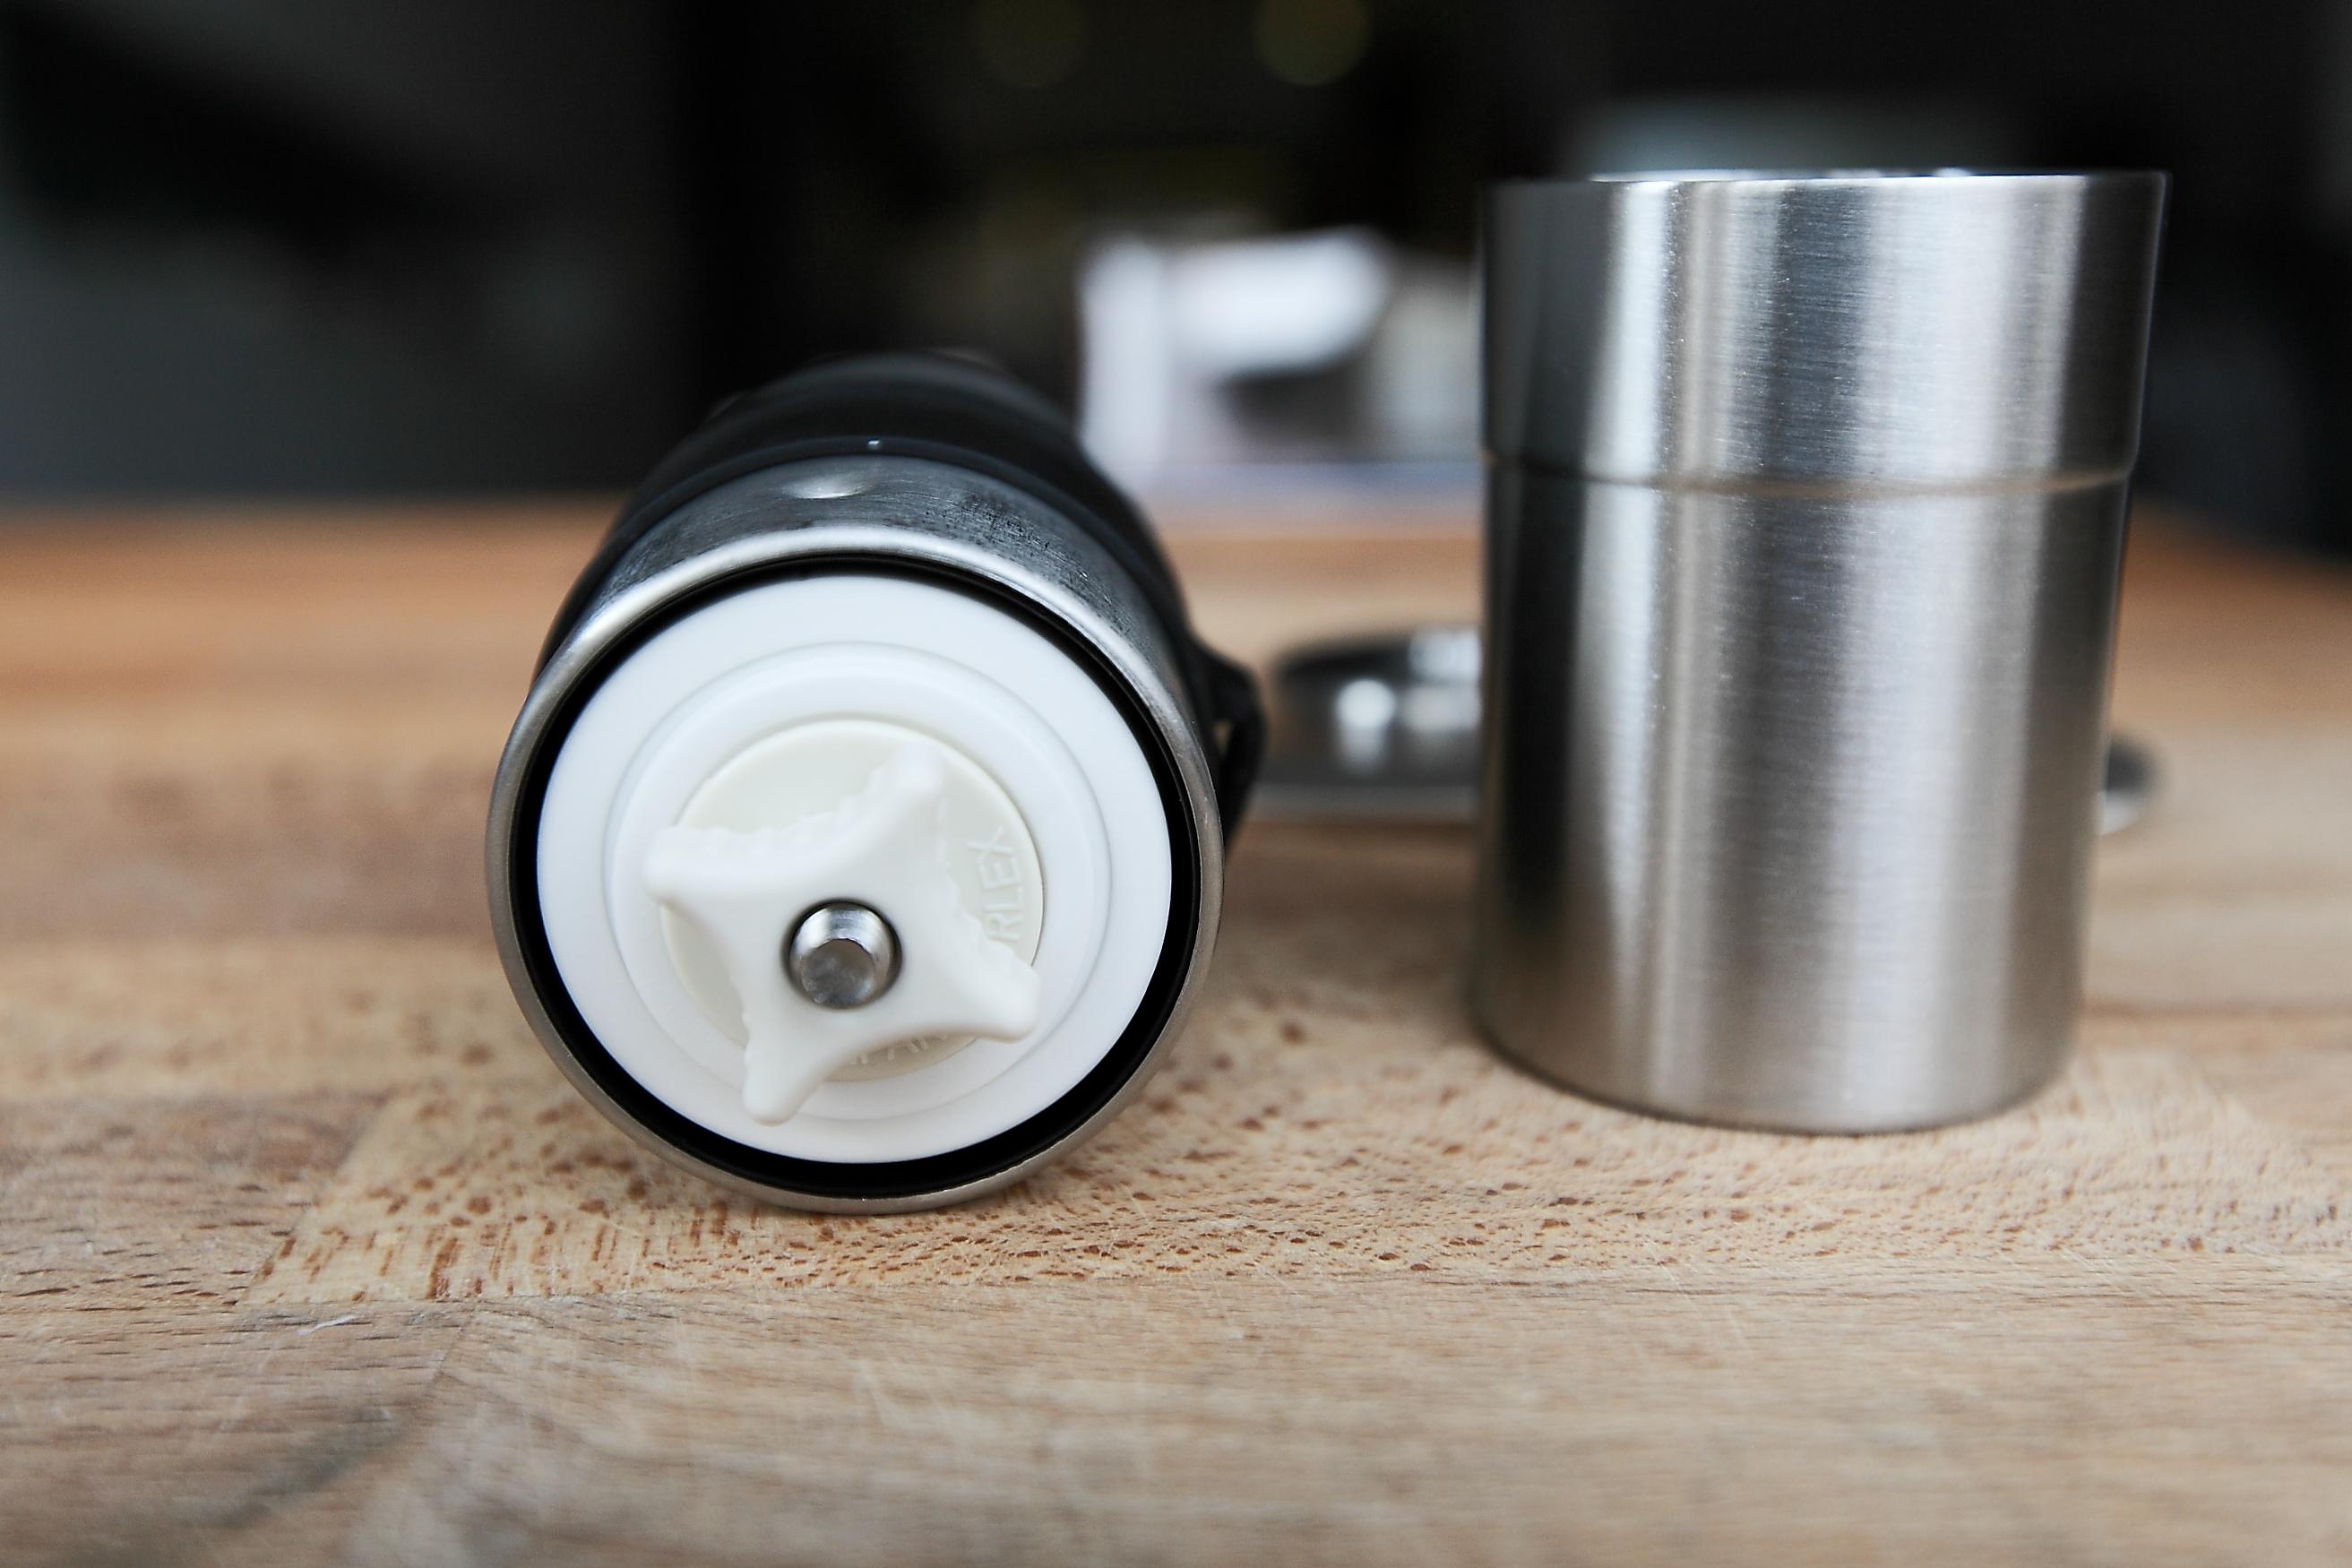 【不器用】65 - Porlex mini手搖磨豆機 | 不器用